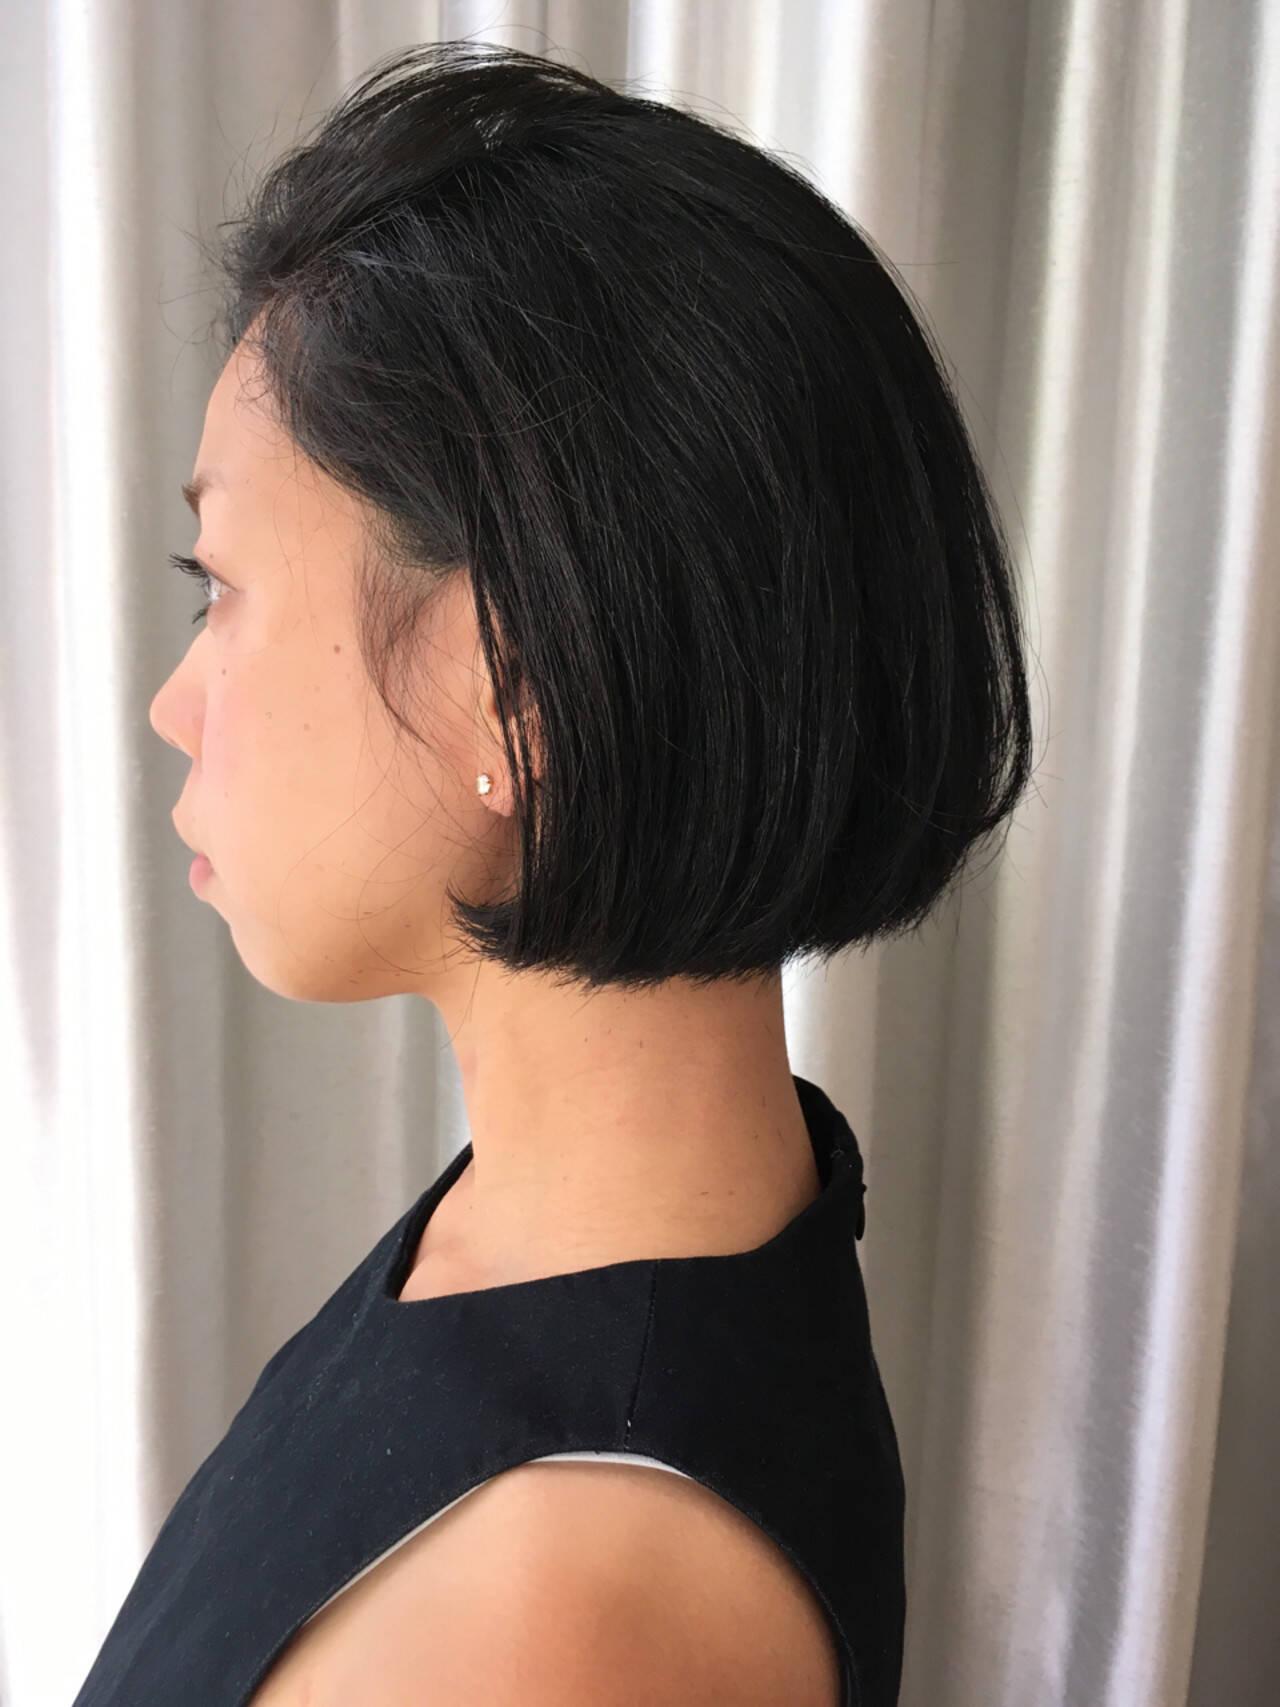 ボブ 外国人風 暗髪 黒髪ヘアスタイルや髪型の写真・画像